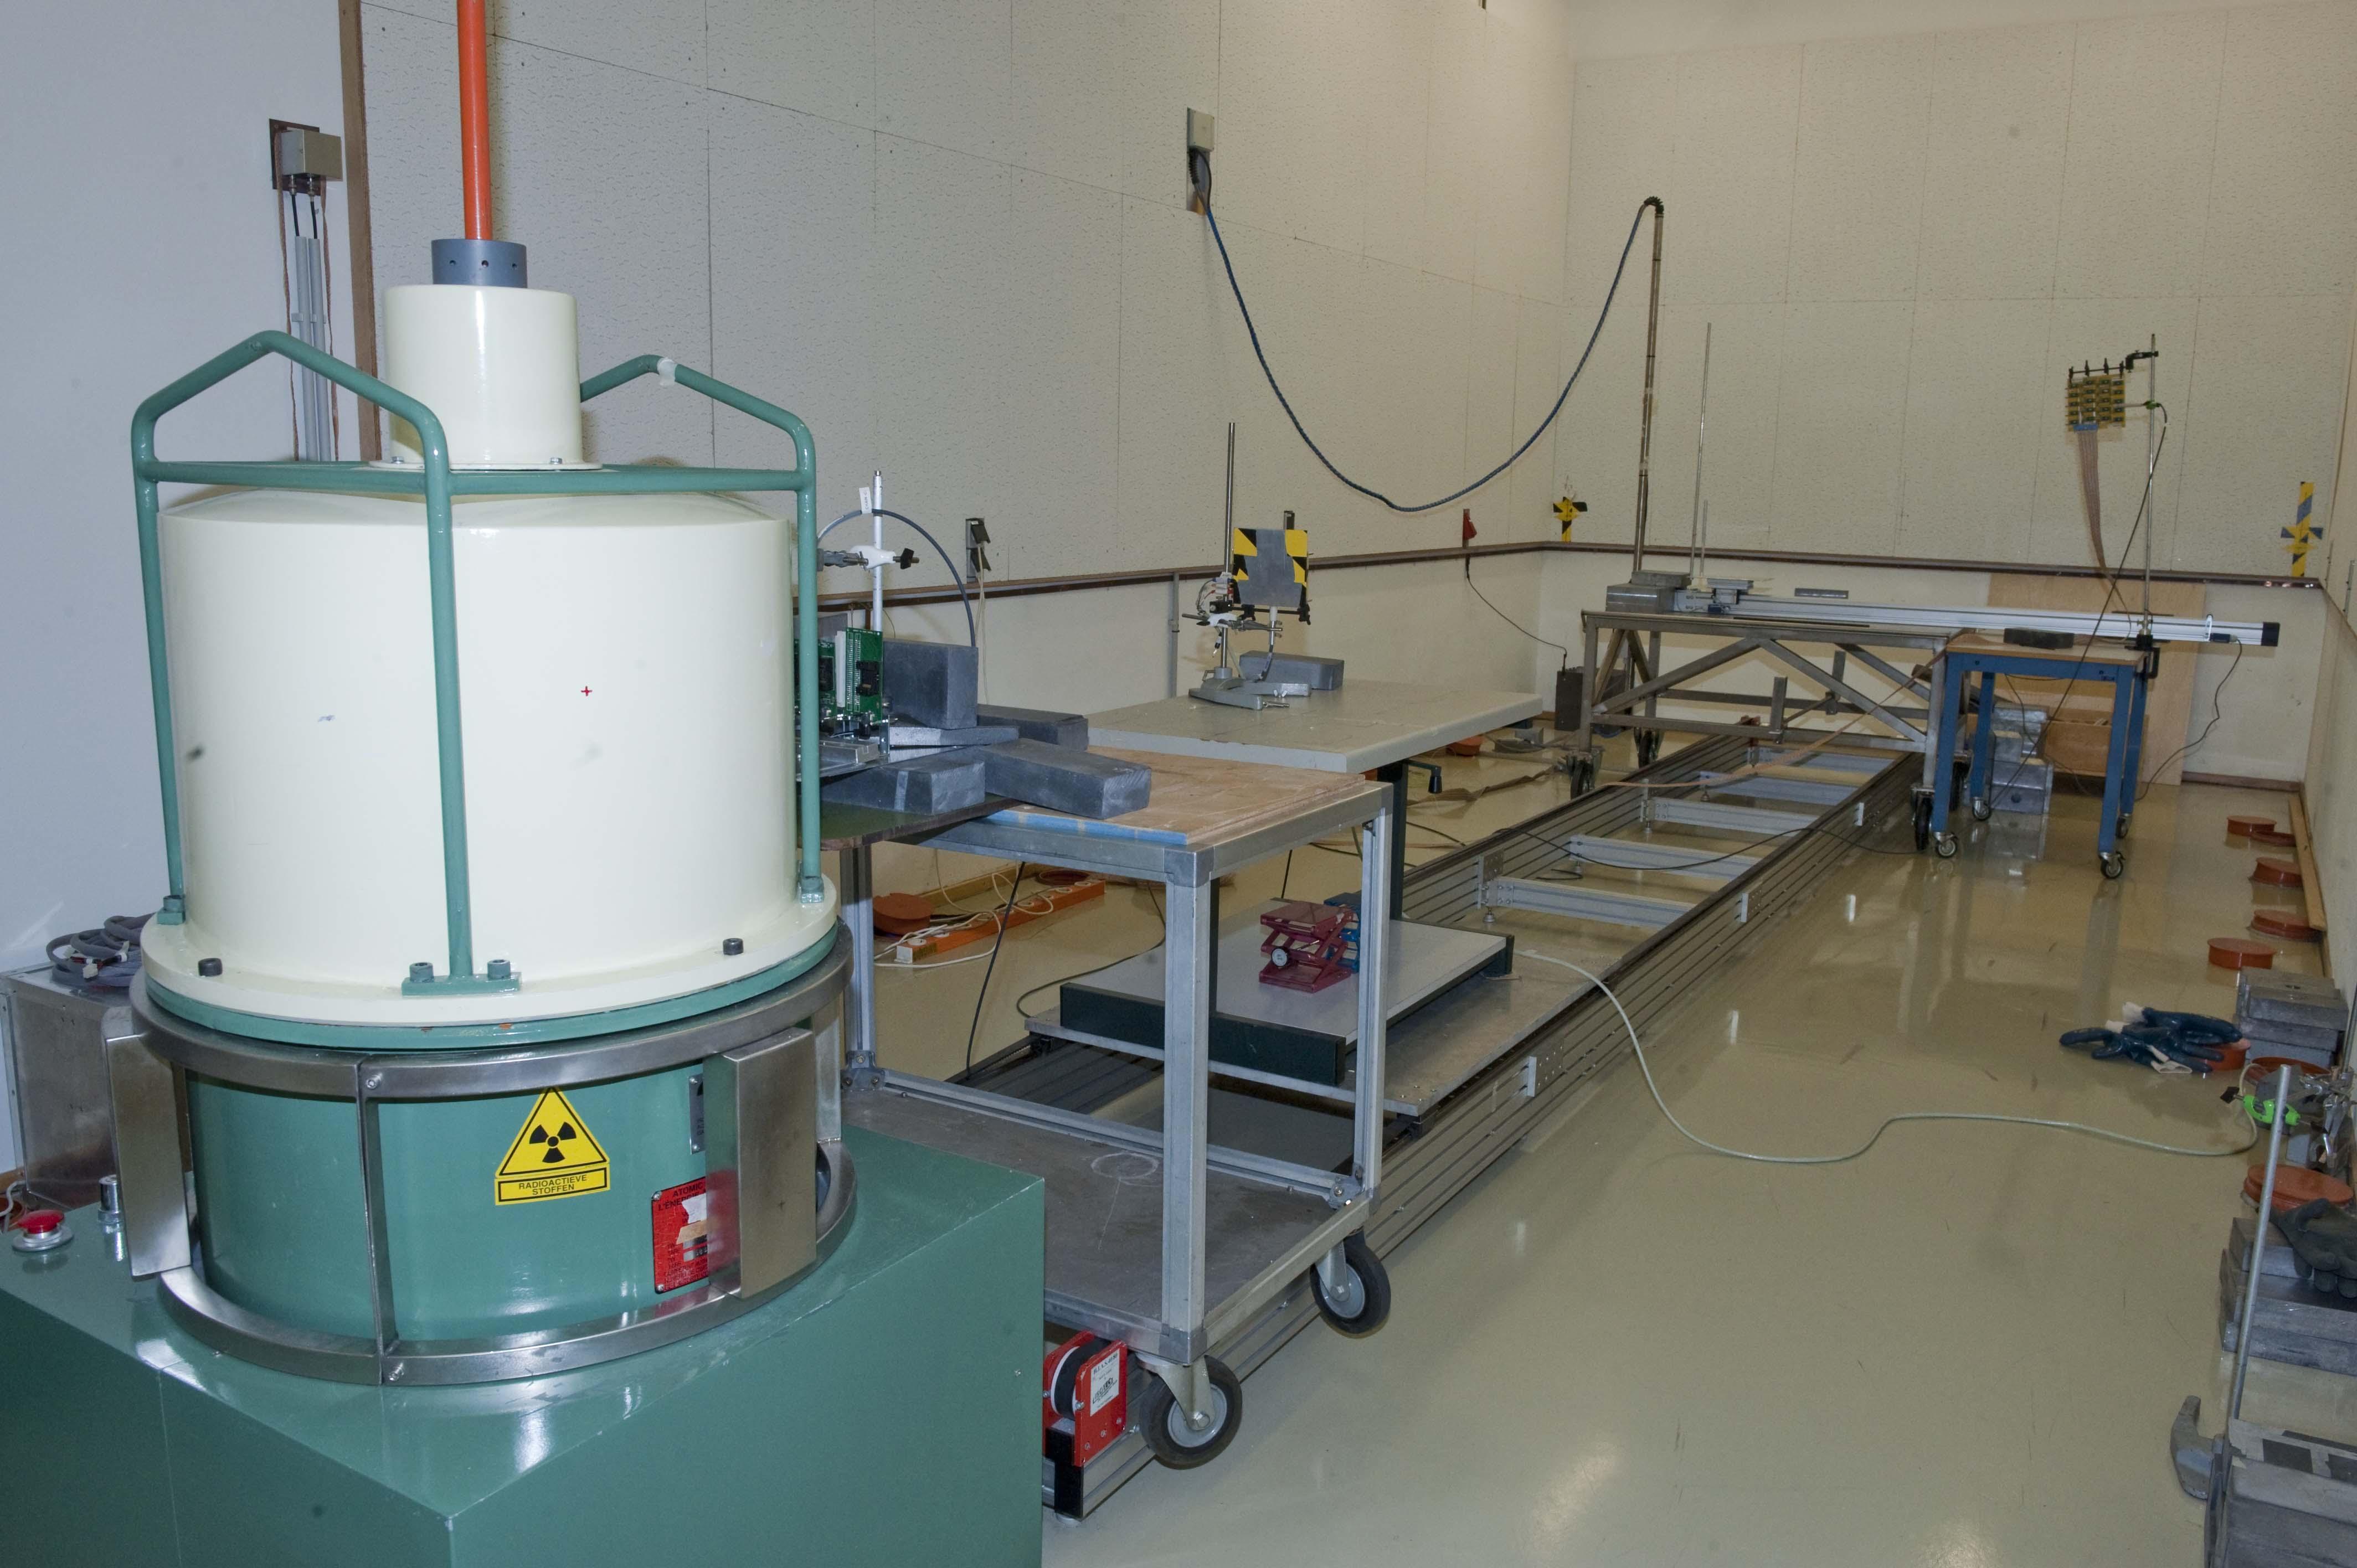 Co 60 test facility